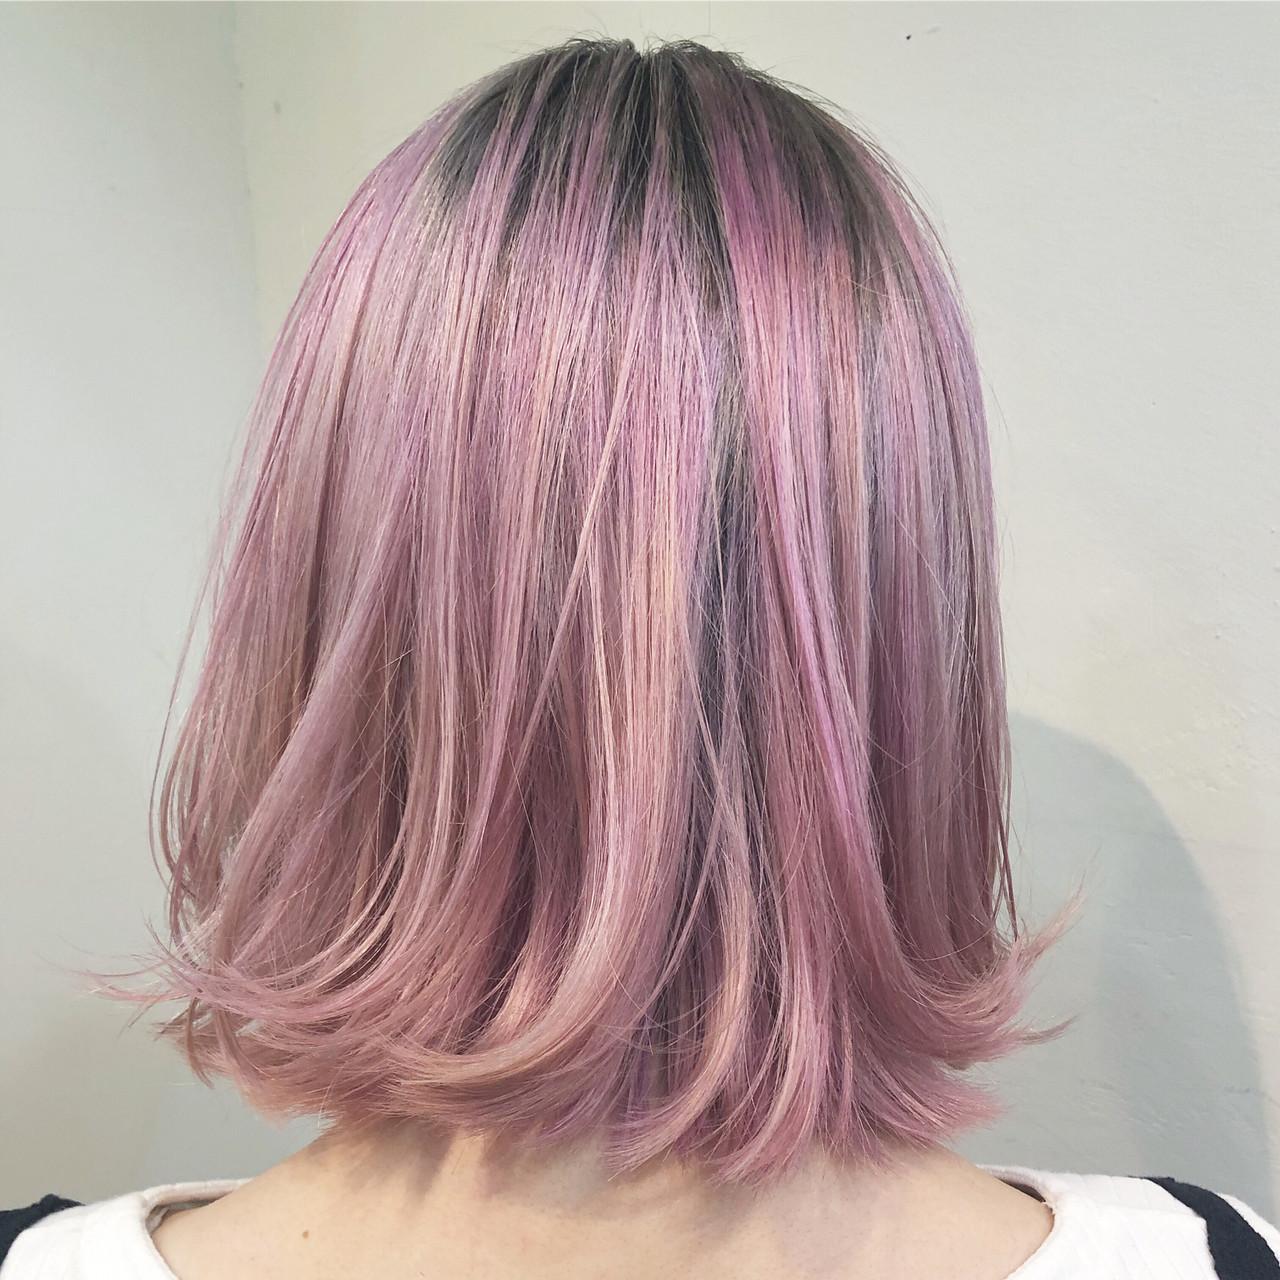 インナーカラー ハイライト ユニコーンカラー バレイヤージュ ヘアスタイルや髪型の写真・画像